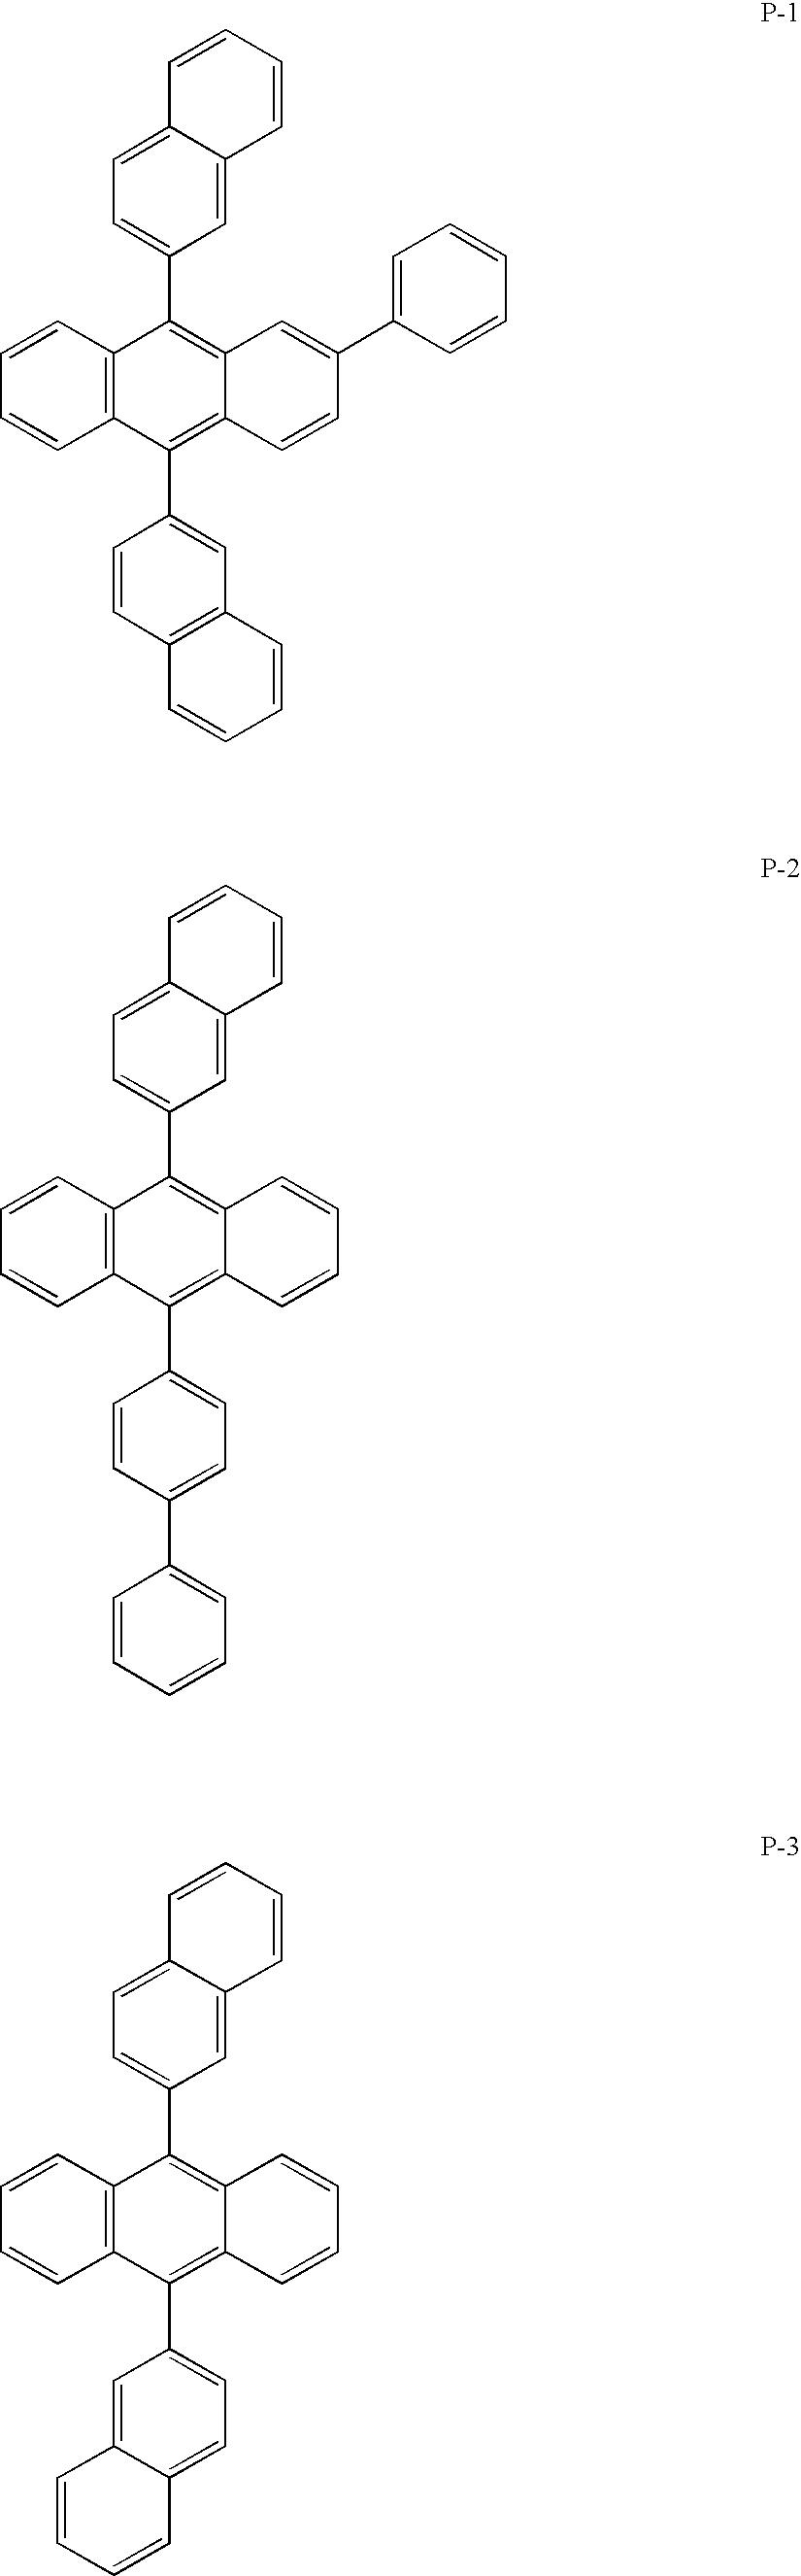 Figure US08088500-20120103-C00017